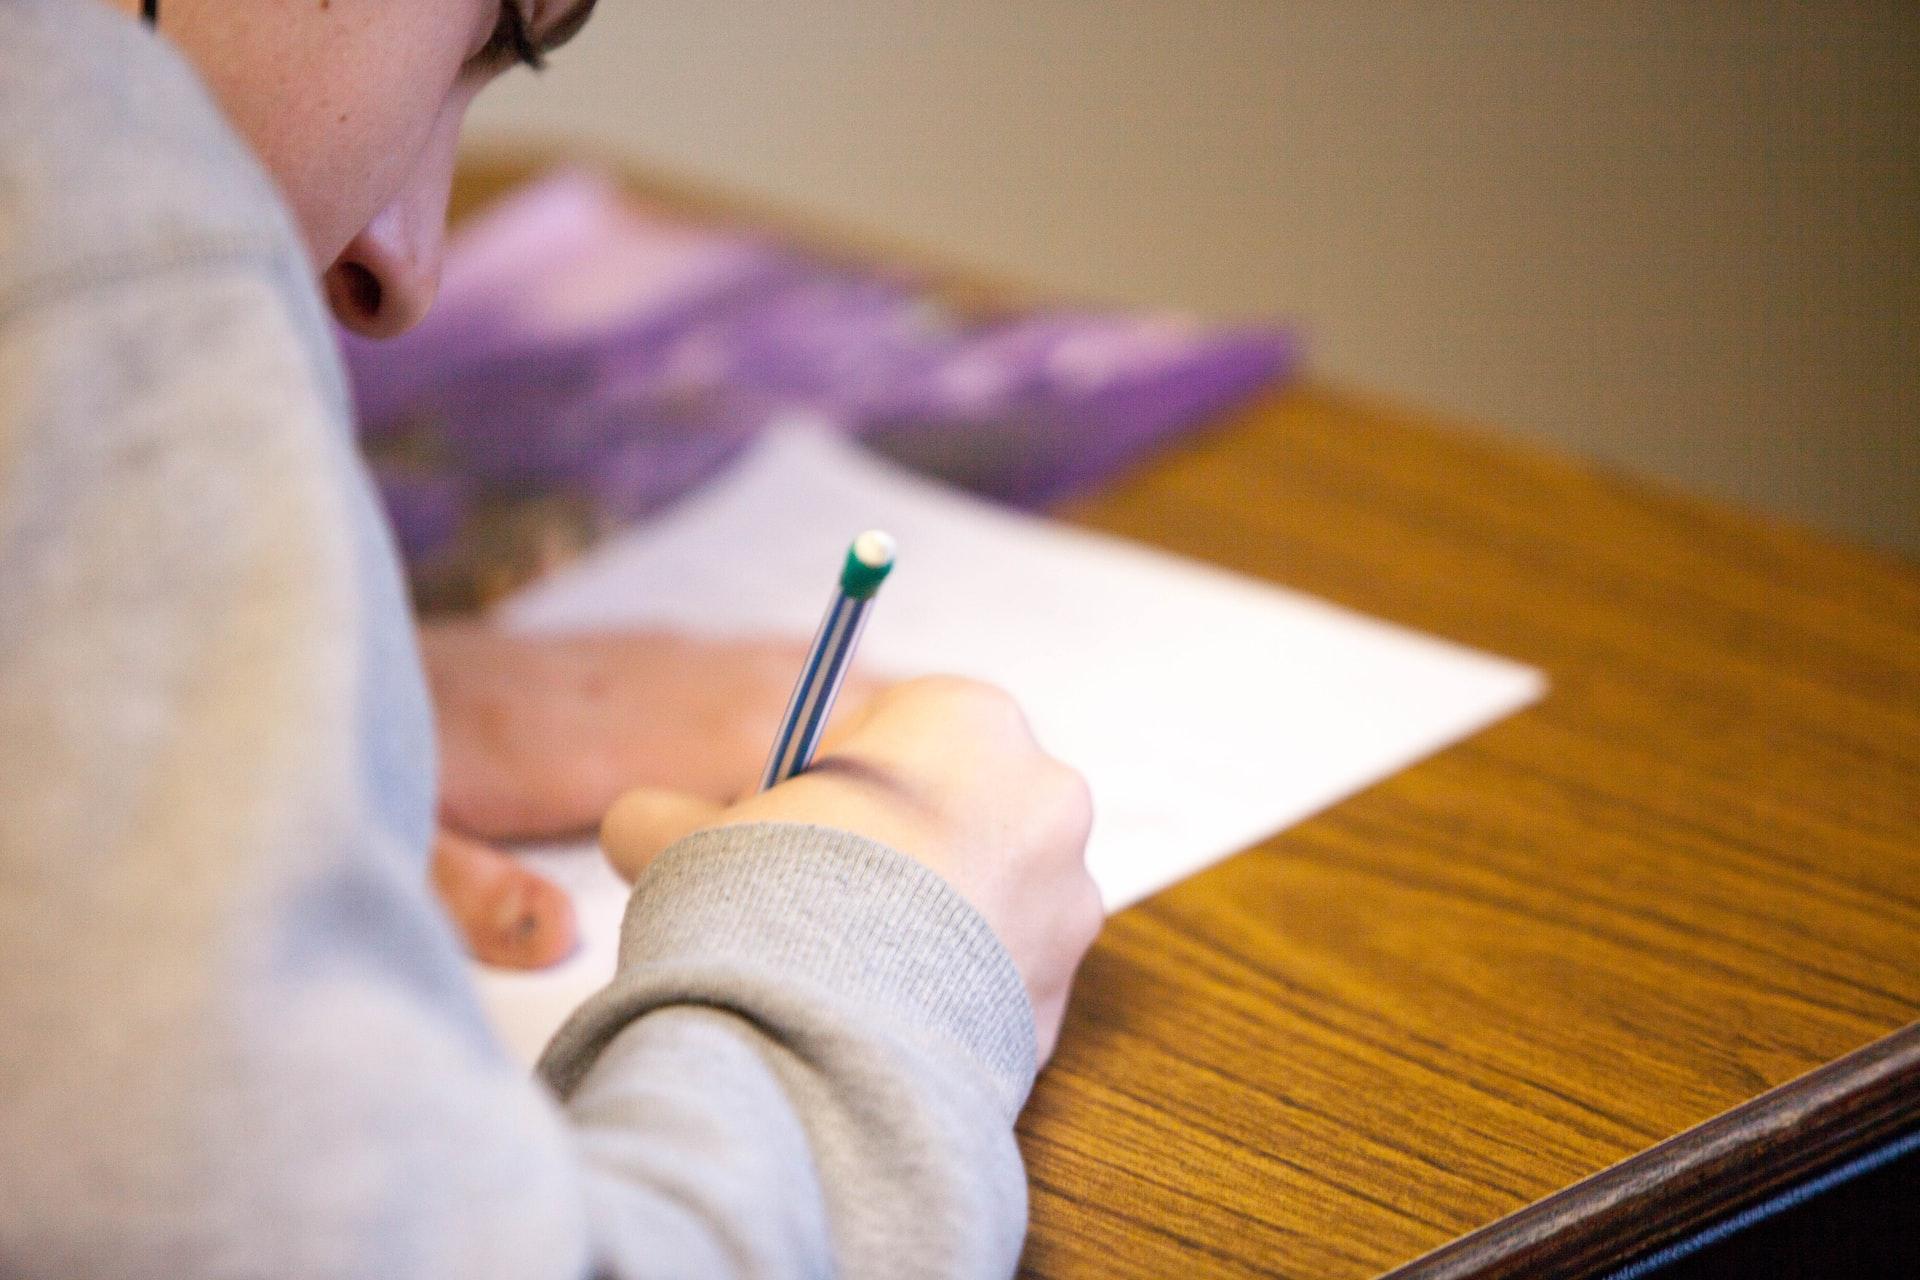 教育部印发通知部署做好教育系统新冠病毒疫苗接种工作